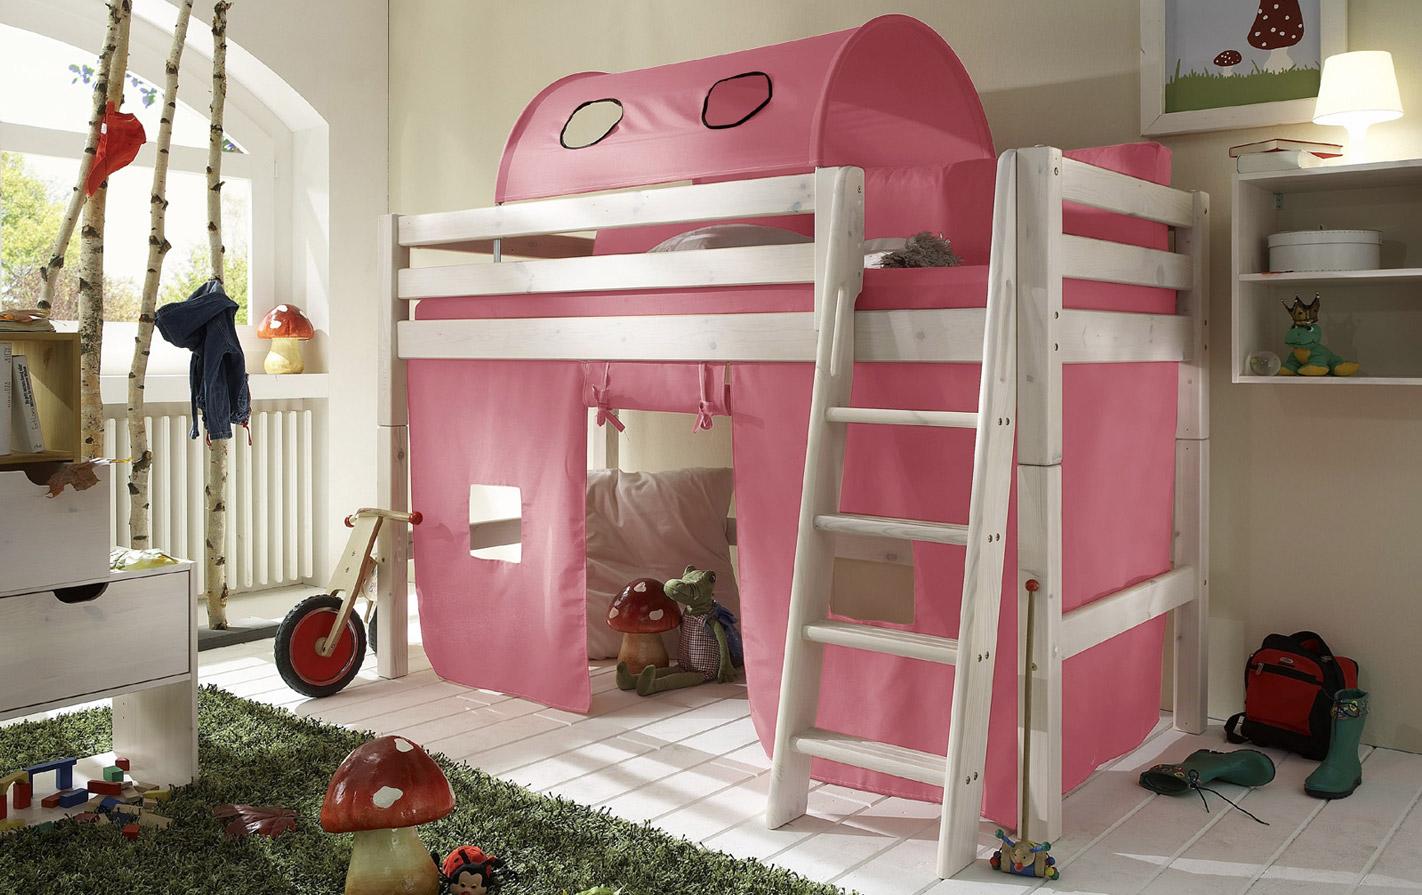 Spielvorhang rosa für Kids Paradise Mini Hochbett